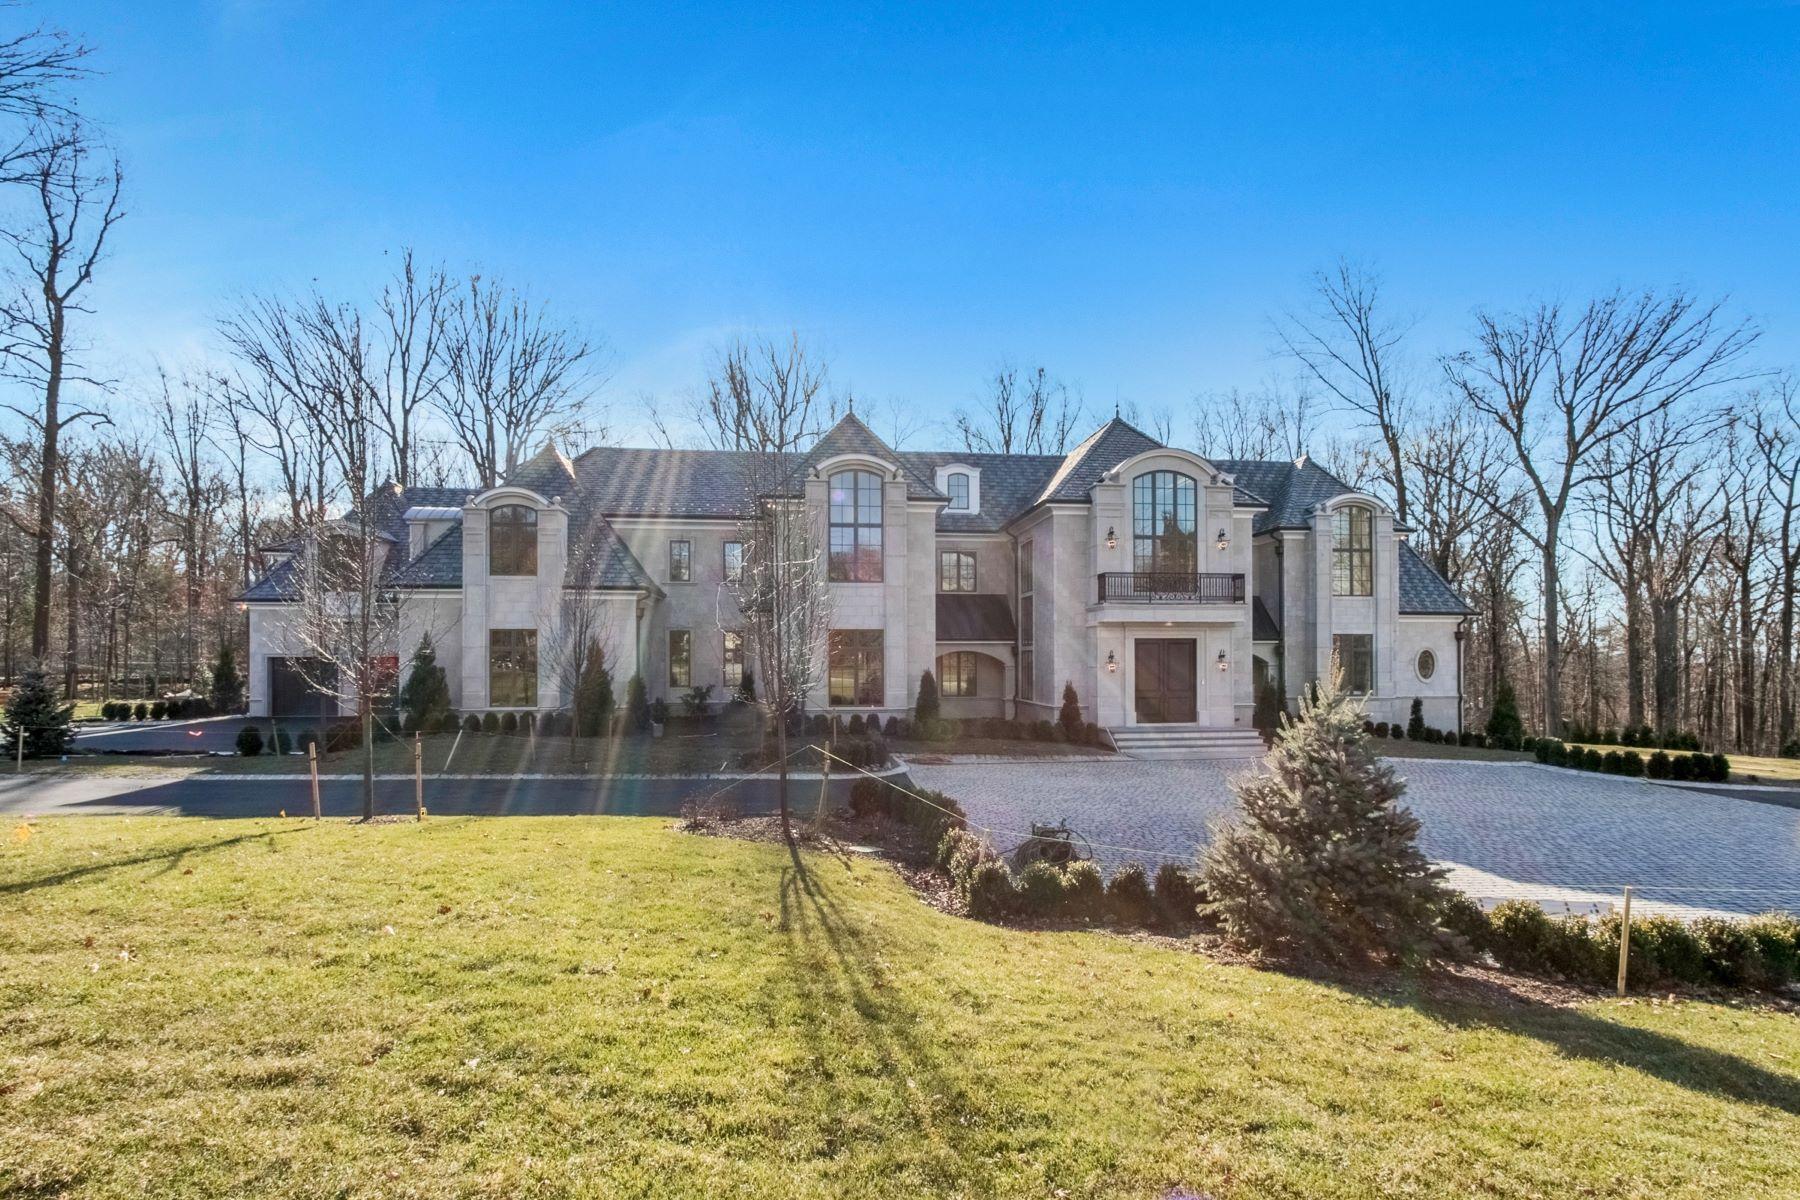 Eensgezinswoning voor Verkoop op Exquisite Custom Manor 24 Cambridge Way, Alpine, New Jersey 07620 Verenigde Staten